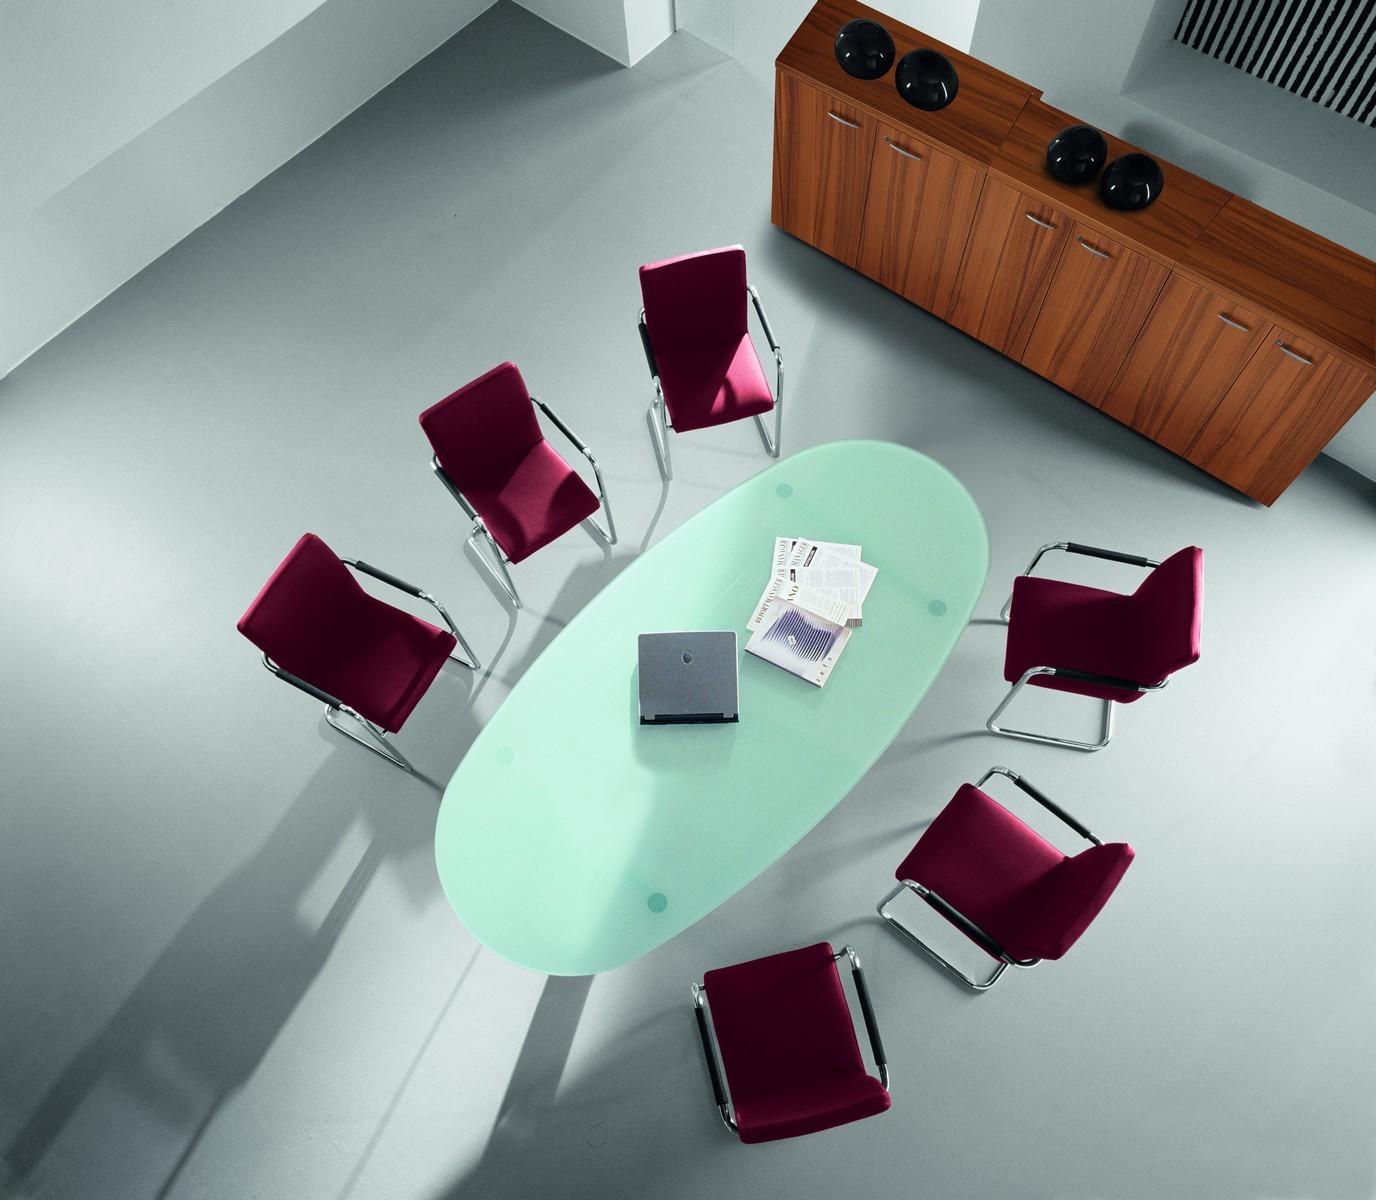 table de r union ovale en verre achat tables de r union 1 799 00. Black Bedroom Furniture Sets. Home Design Ideas